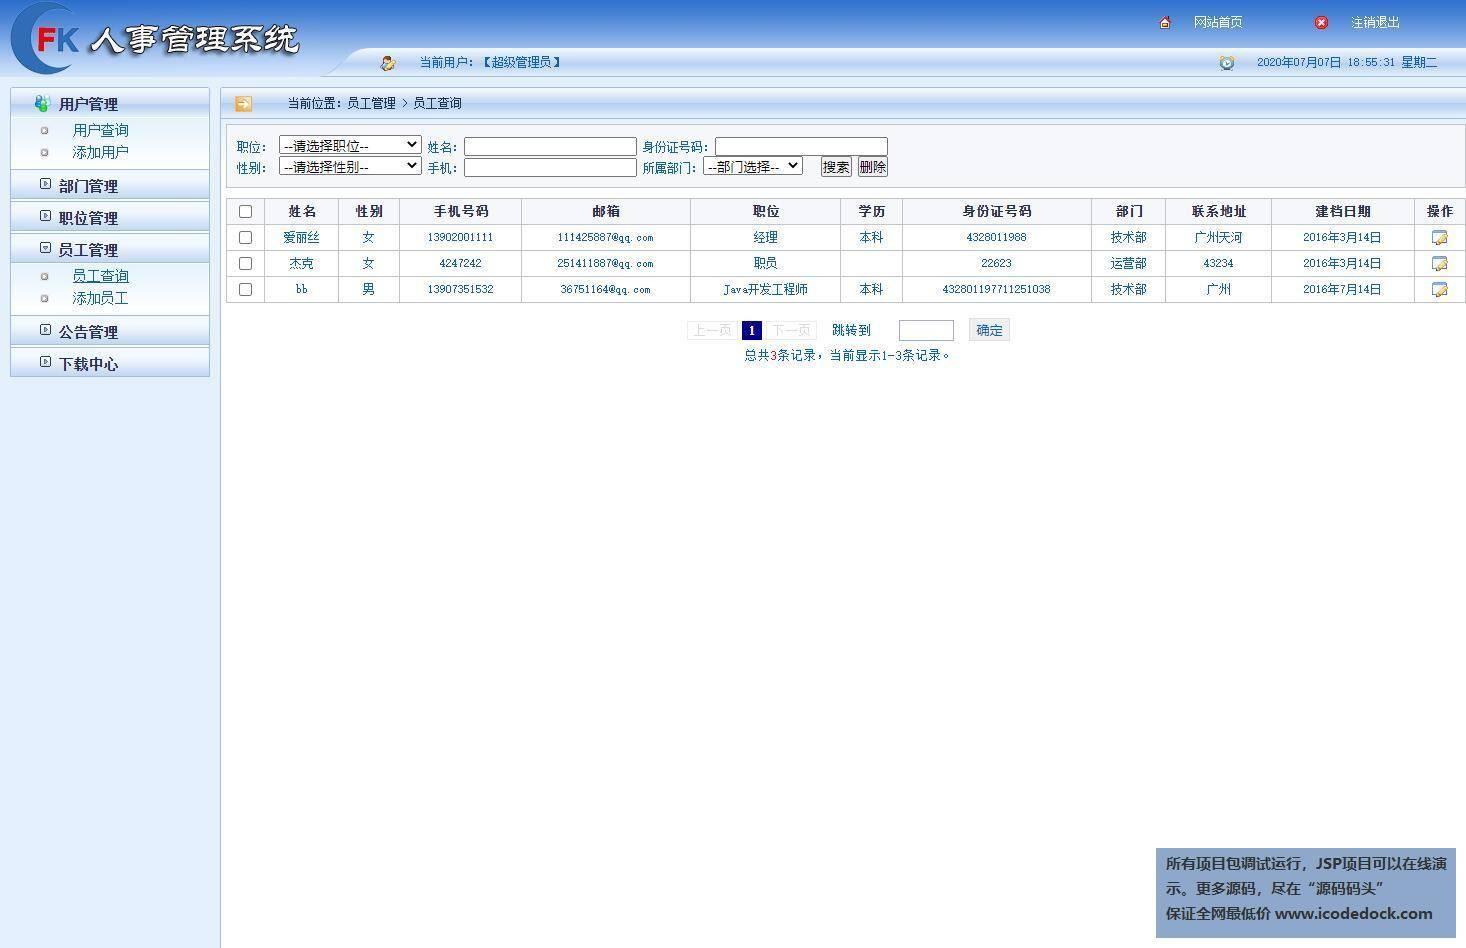 源码码头-SSM公司人事管理系统-管理员角色-员工管理